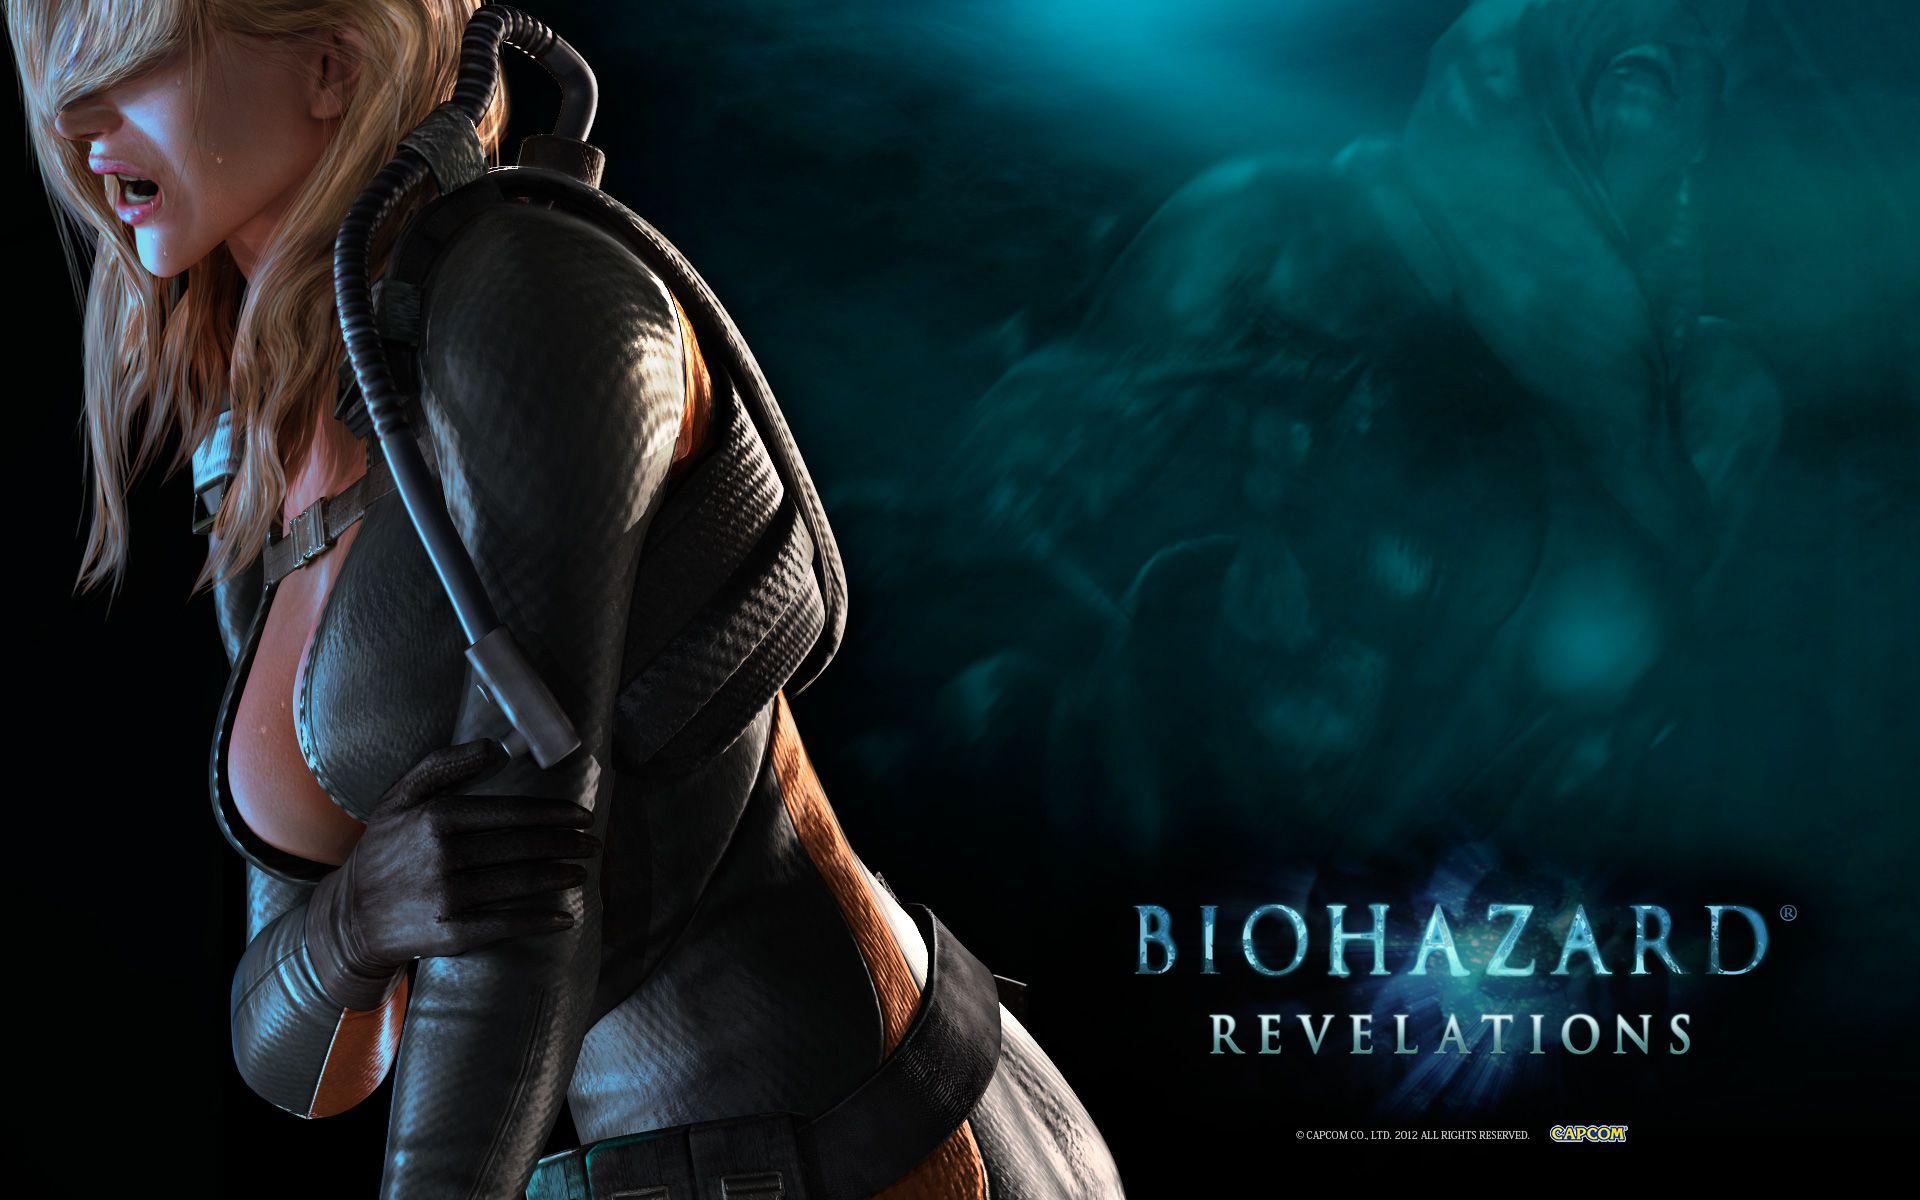 Hd wallpaper resident evil - Resident Evil Revelations Game 7